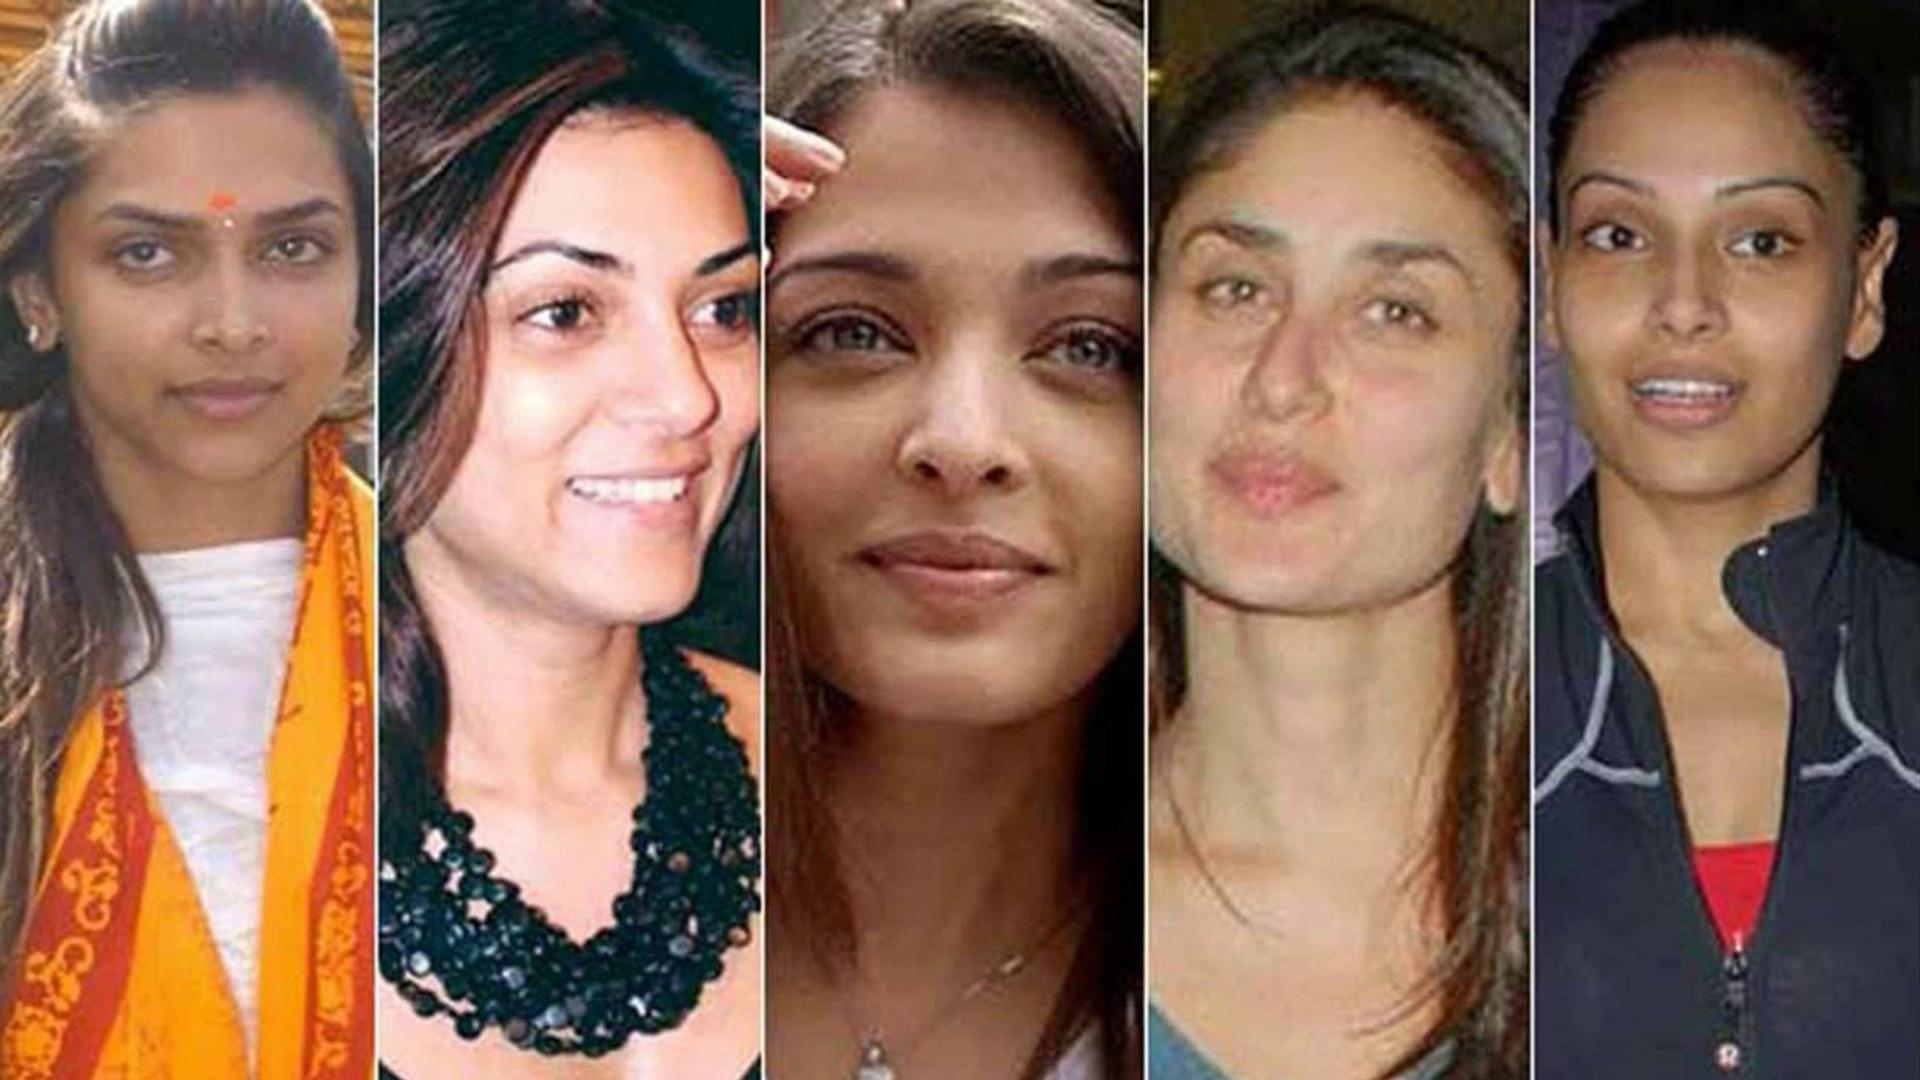 bollywood actresses without makeup | देखें बिना मेकअप कैसी लगती हैं आपकी  फेवरेट एक्ट्रेस | boldsky